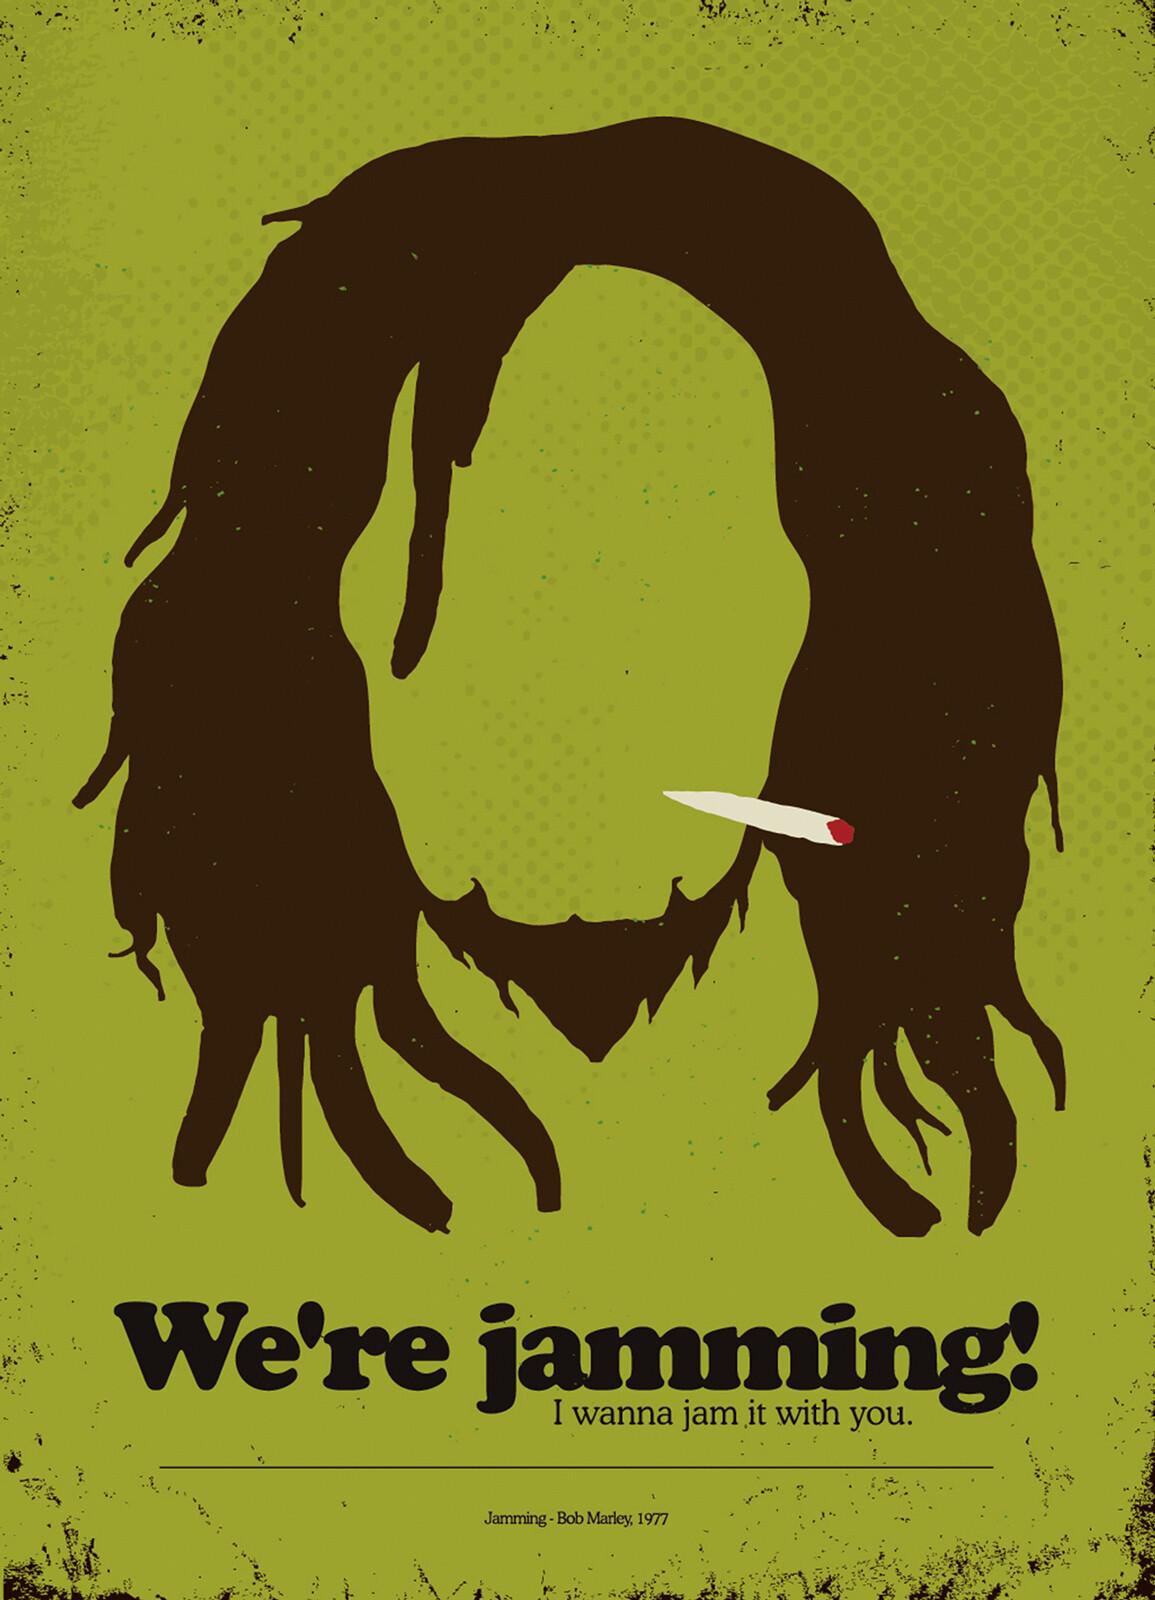 We are jamming! - Rafael Barletta